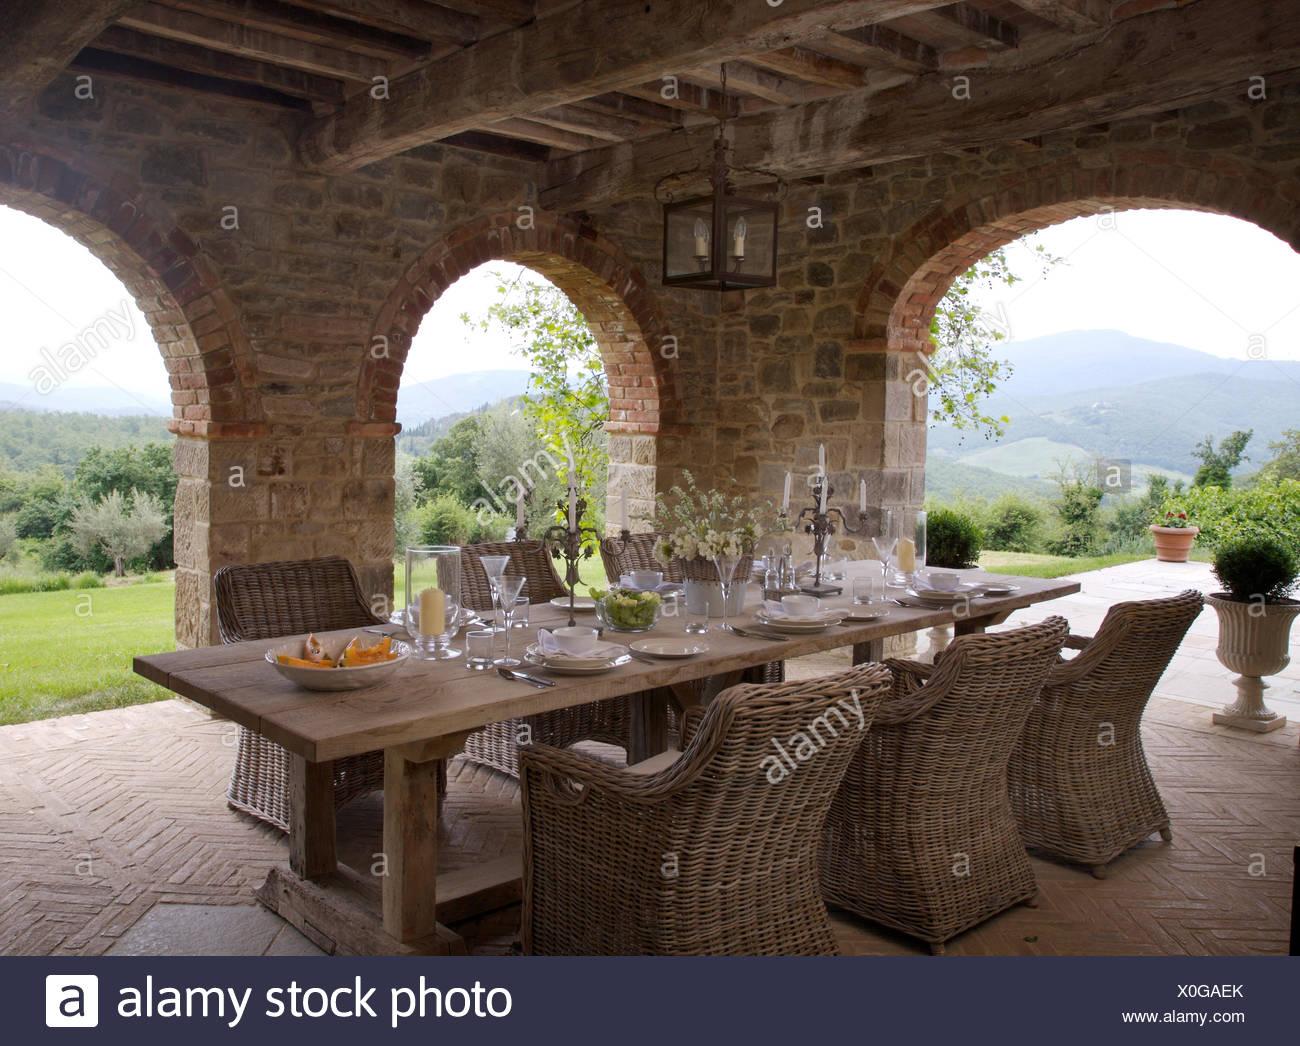 https www alamyimages fr fauteuils en rotin table en bois rustique a definir pour le dejeuner sur la veranda de la villa italienne avec vue sur la campagne image275725371 html